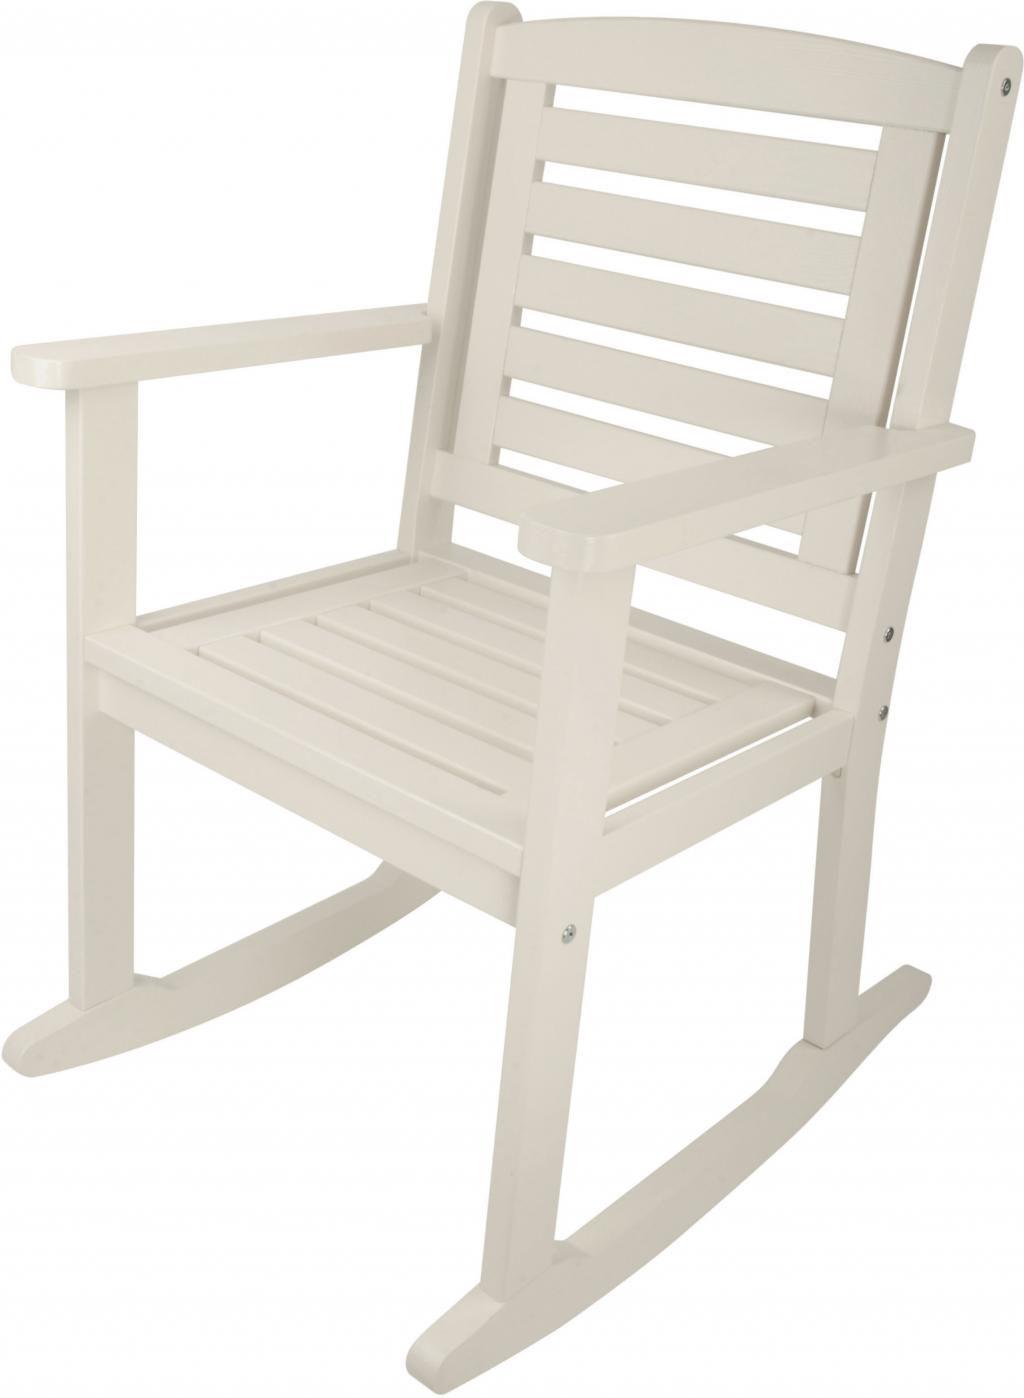 schaukelstuhl wei kiefernholz esschert design kaufen wohn und. Black Bedroom Furniture Sets. Home Design Ideas